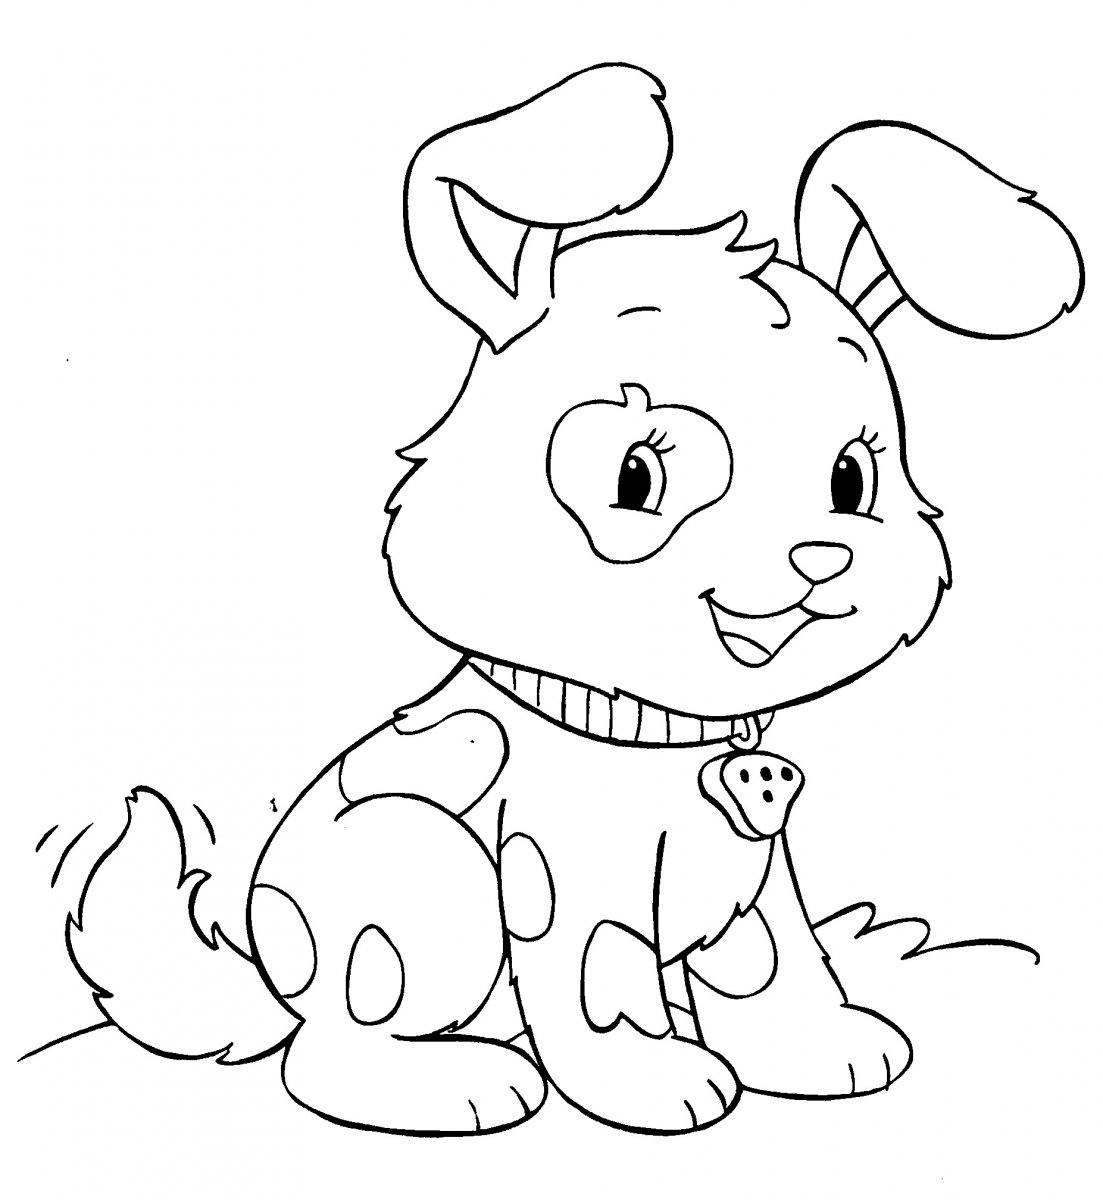 m-dibujos-de-perros.html-2-5